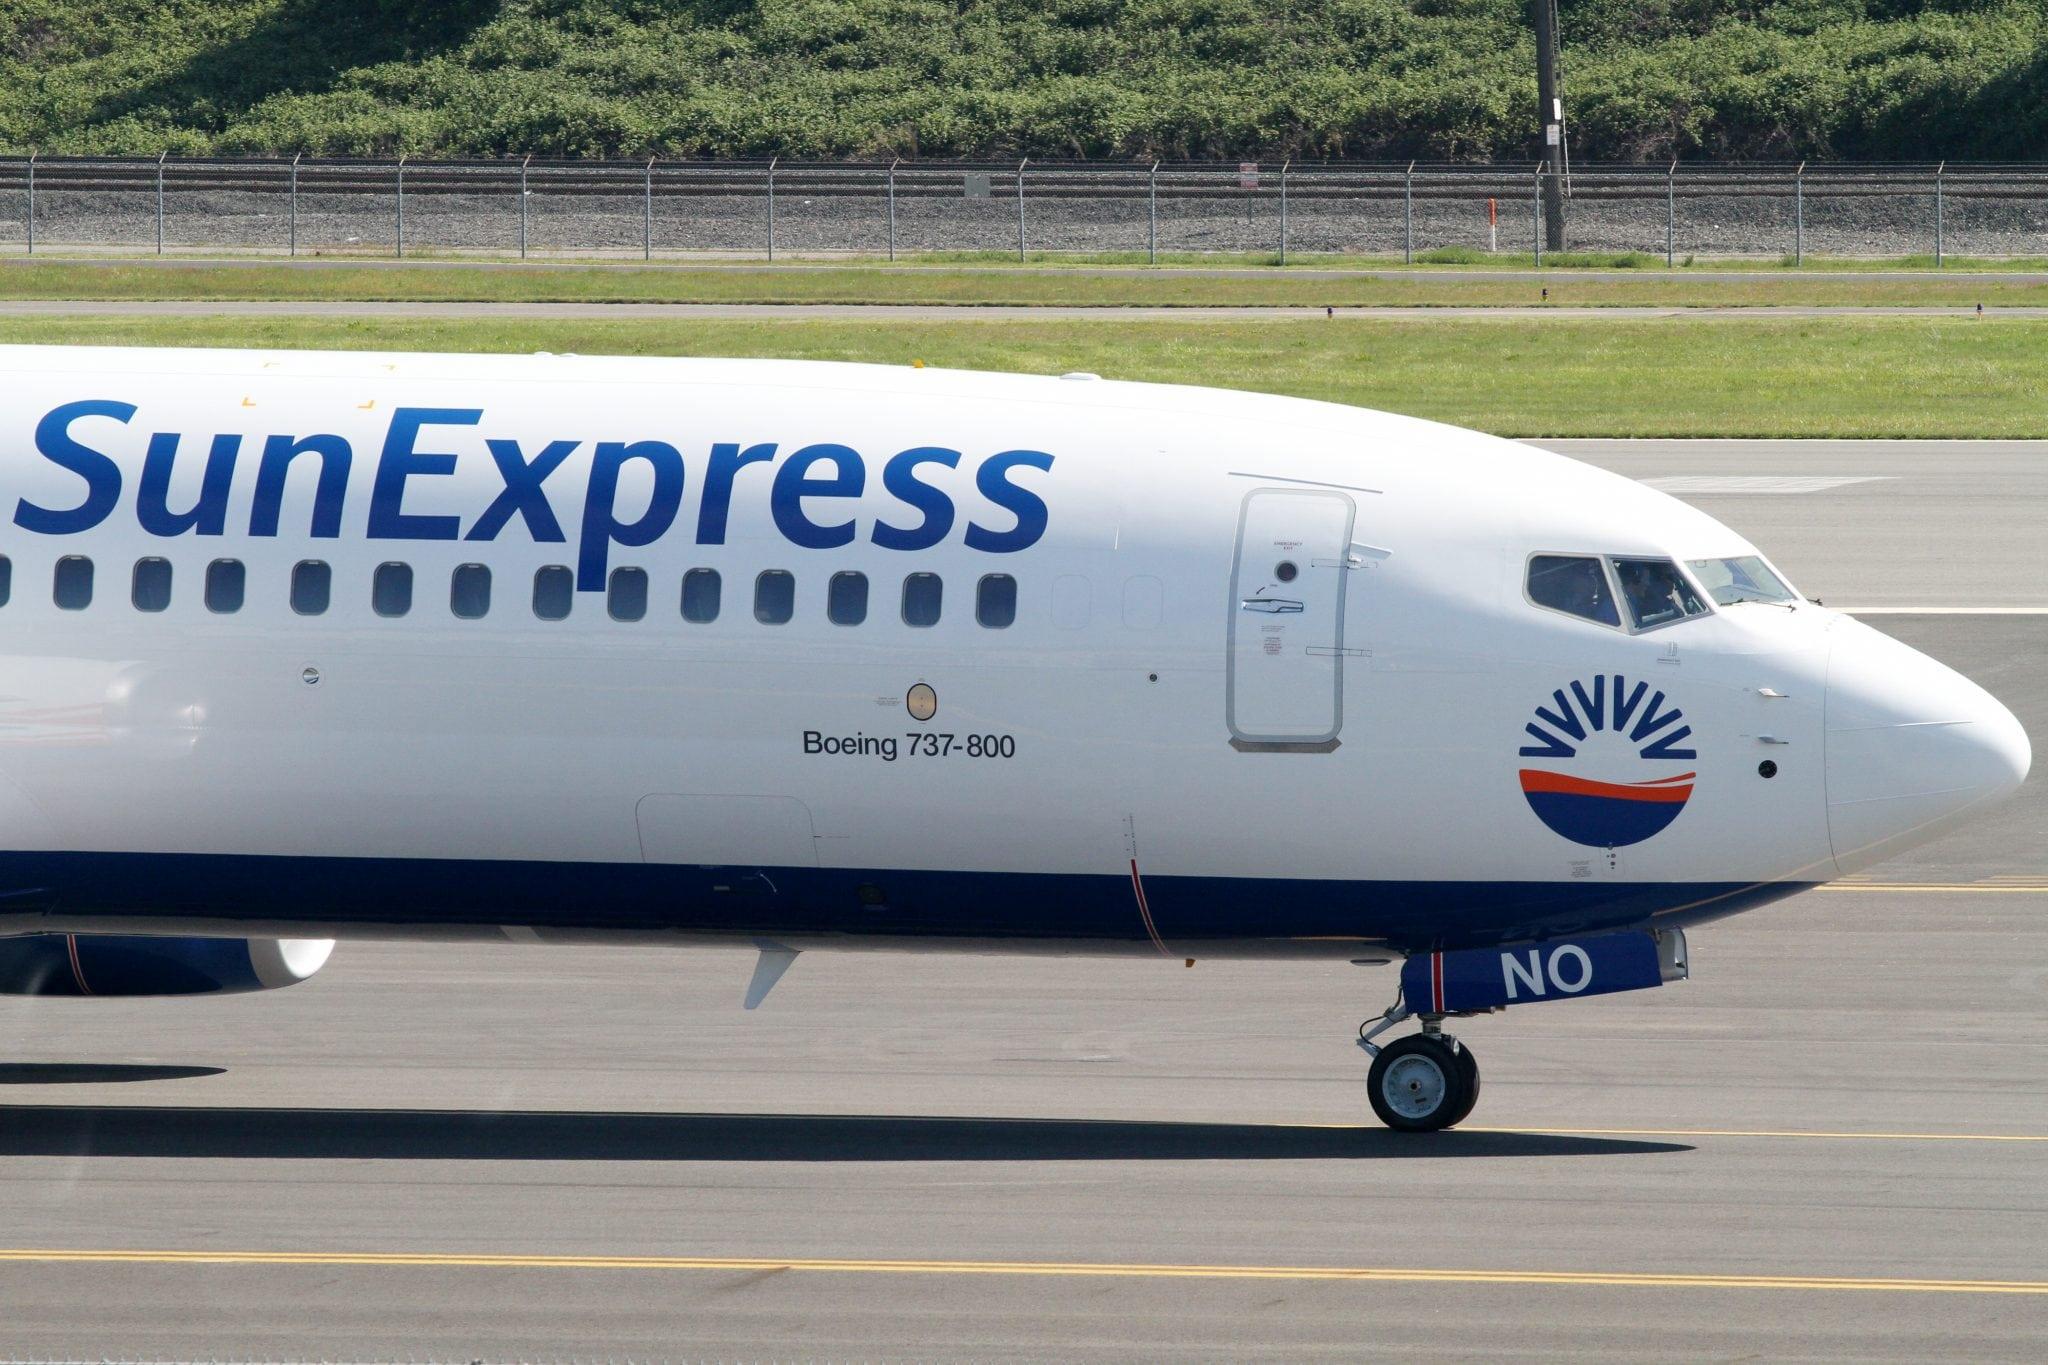 A SunExpress Boeing 737 aircraft